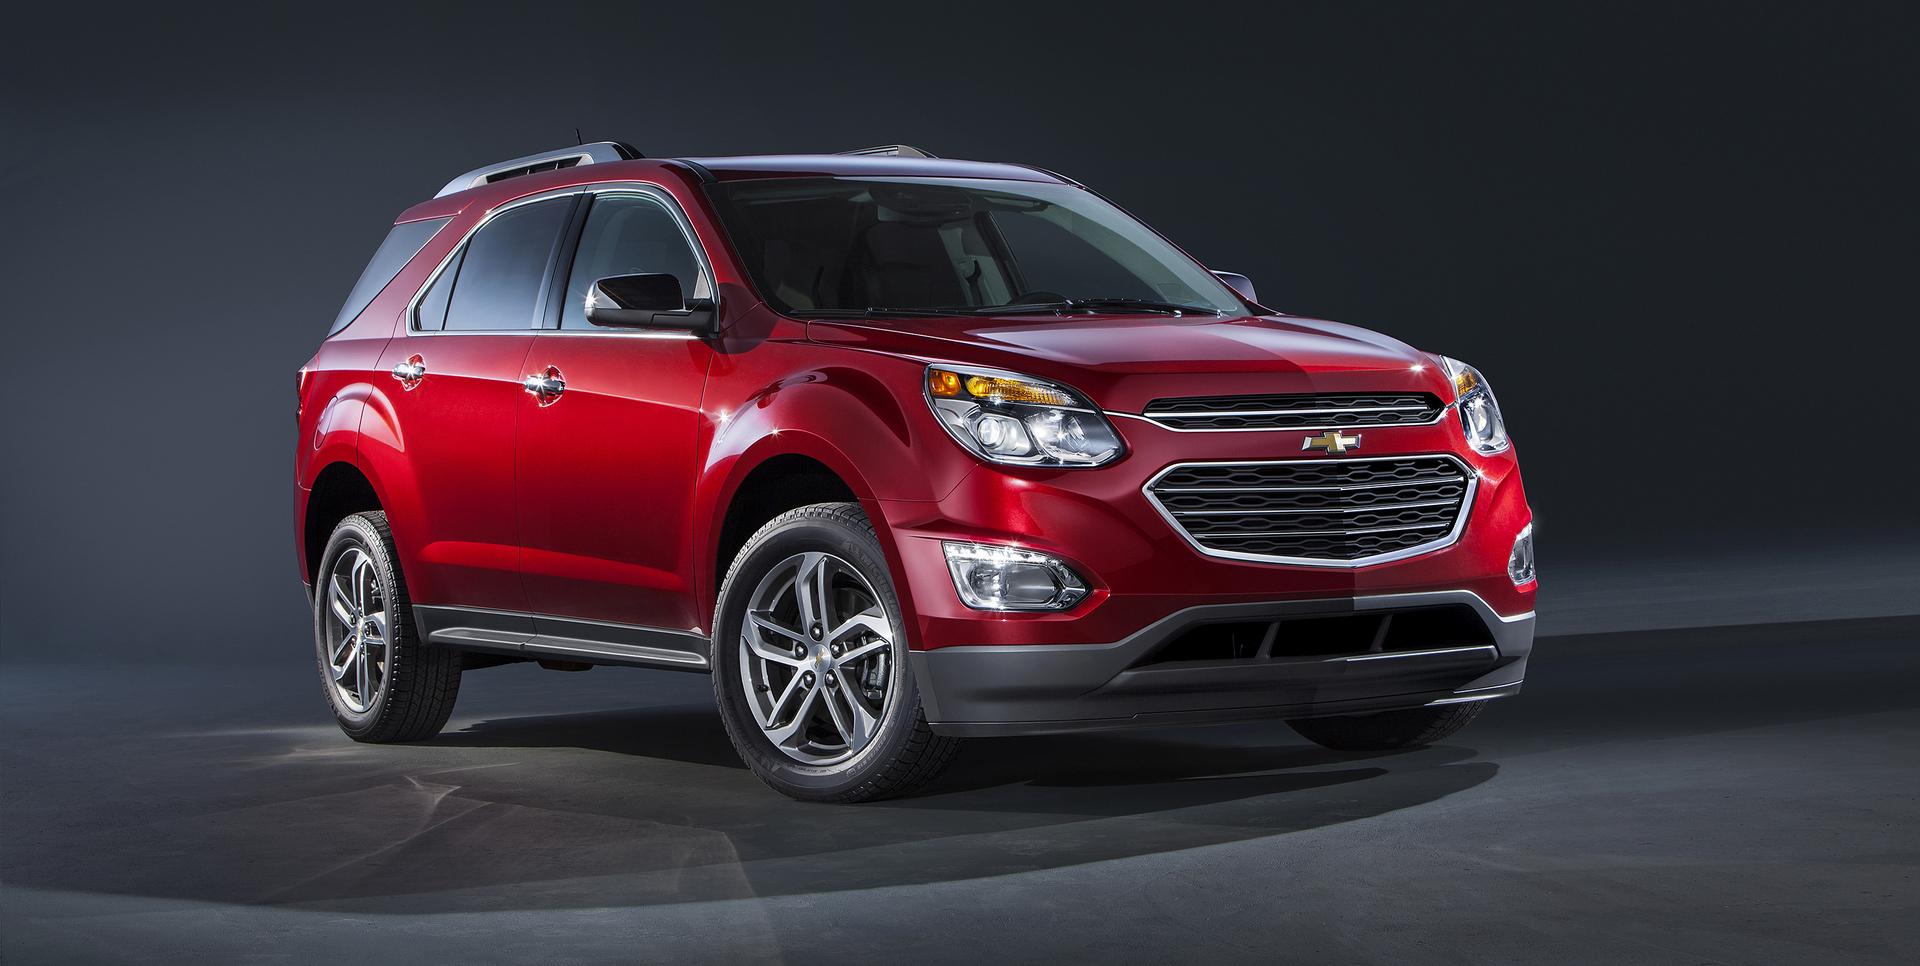 2016 Chevrolet Equinox LTZ © General Motors